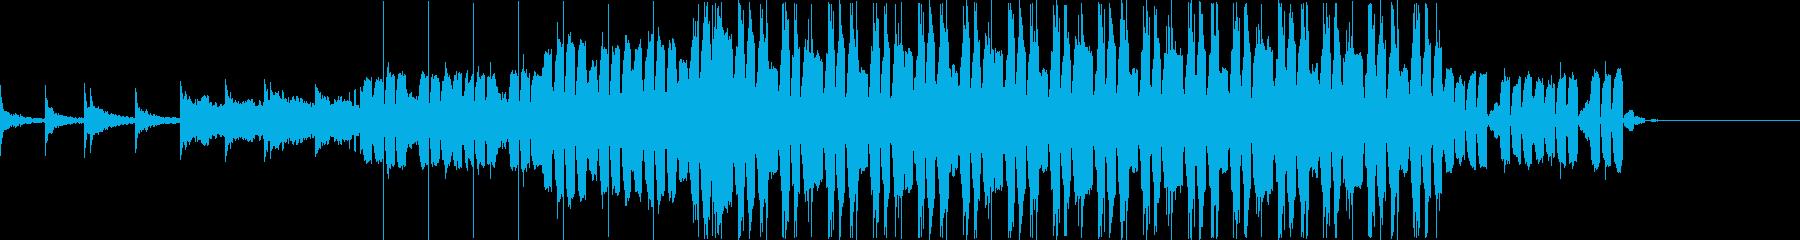 近未来的で甘い1分程のBGMの再生済みの波形